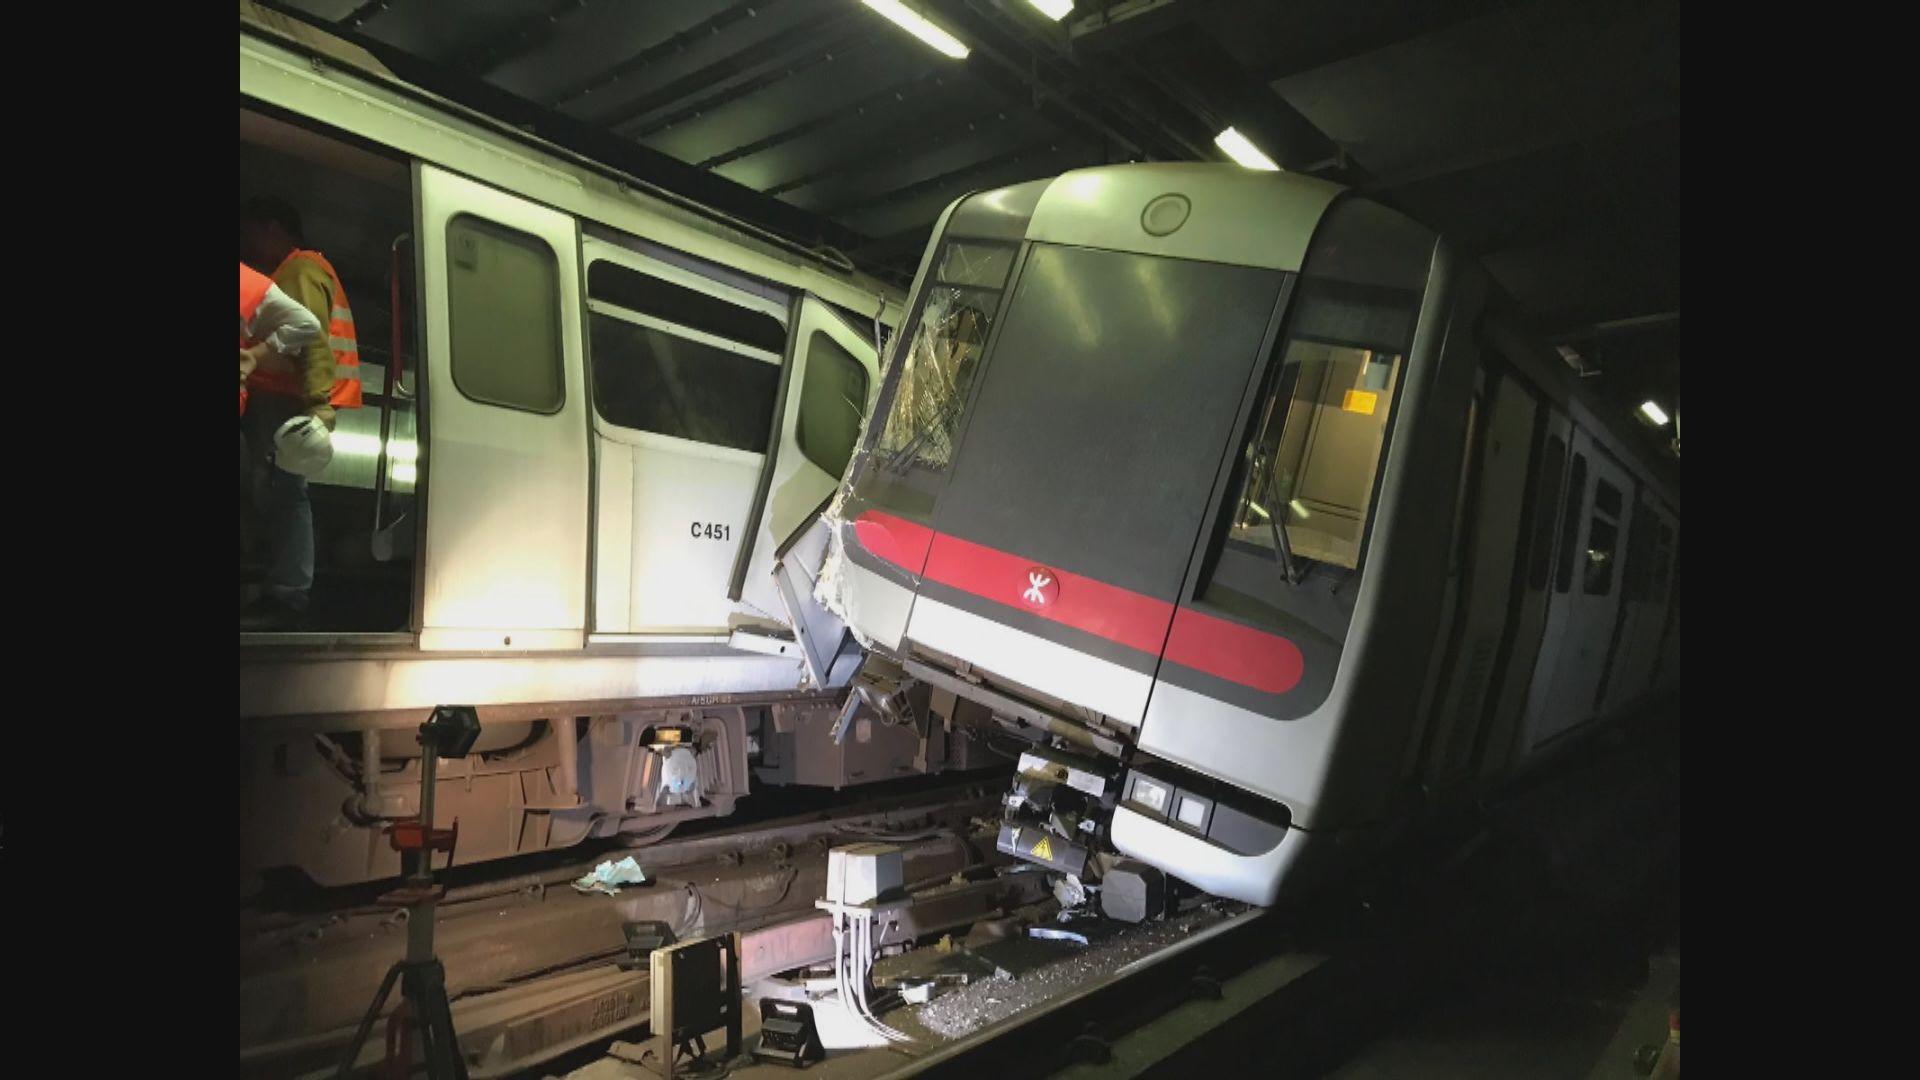 【港鐵撞車】車廂嚴重損毀!股價未「撞到變形」